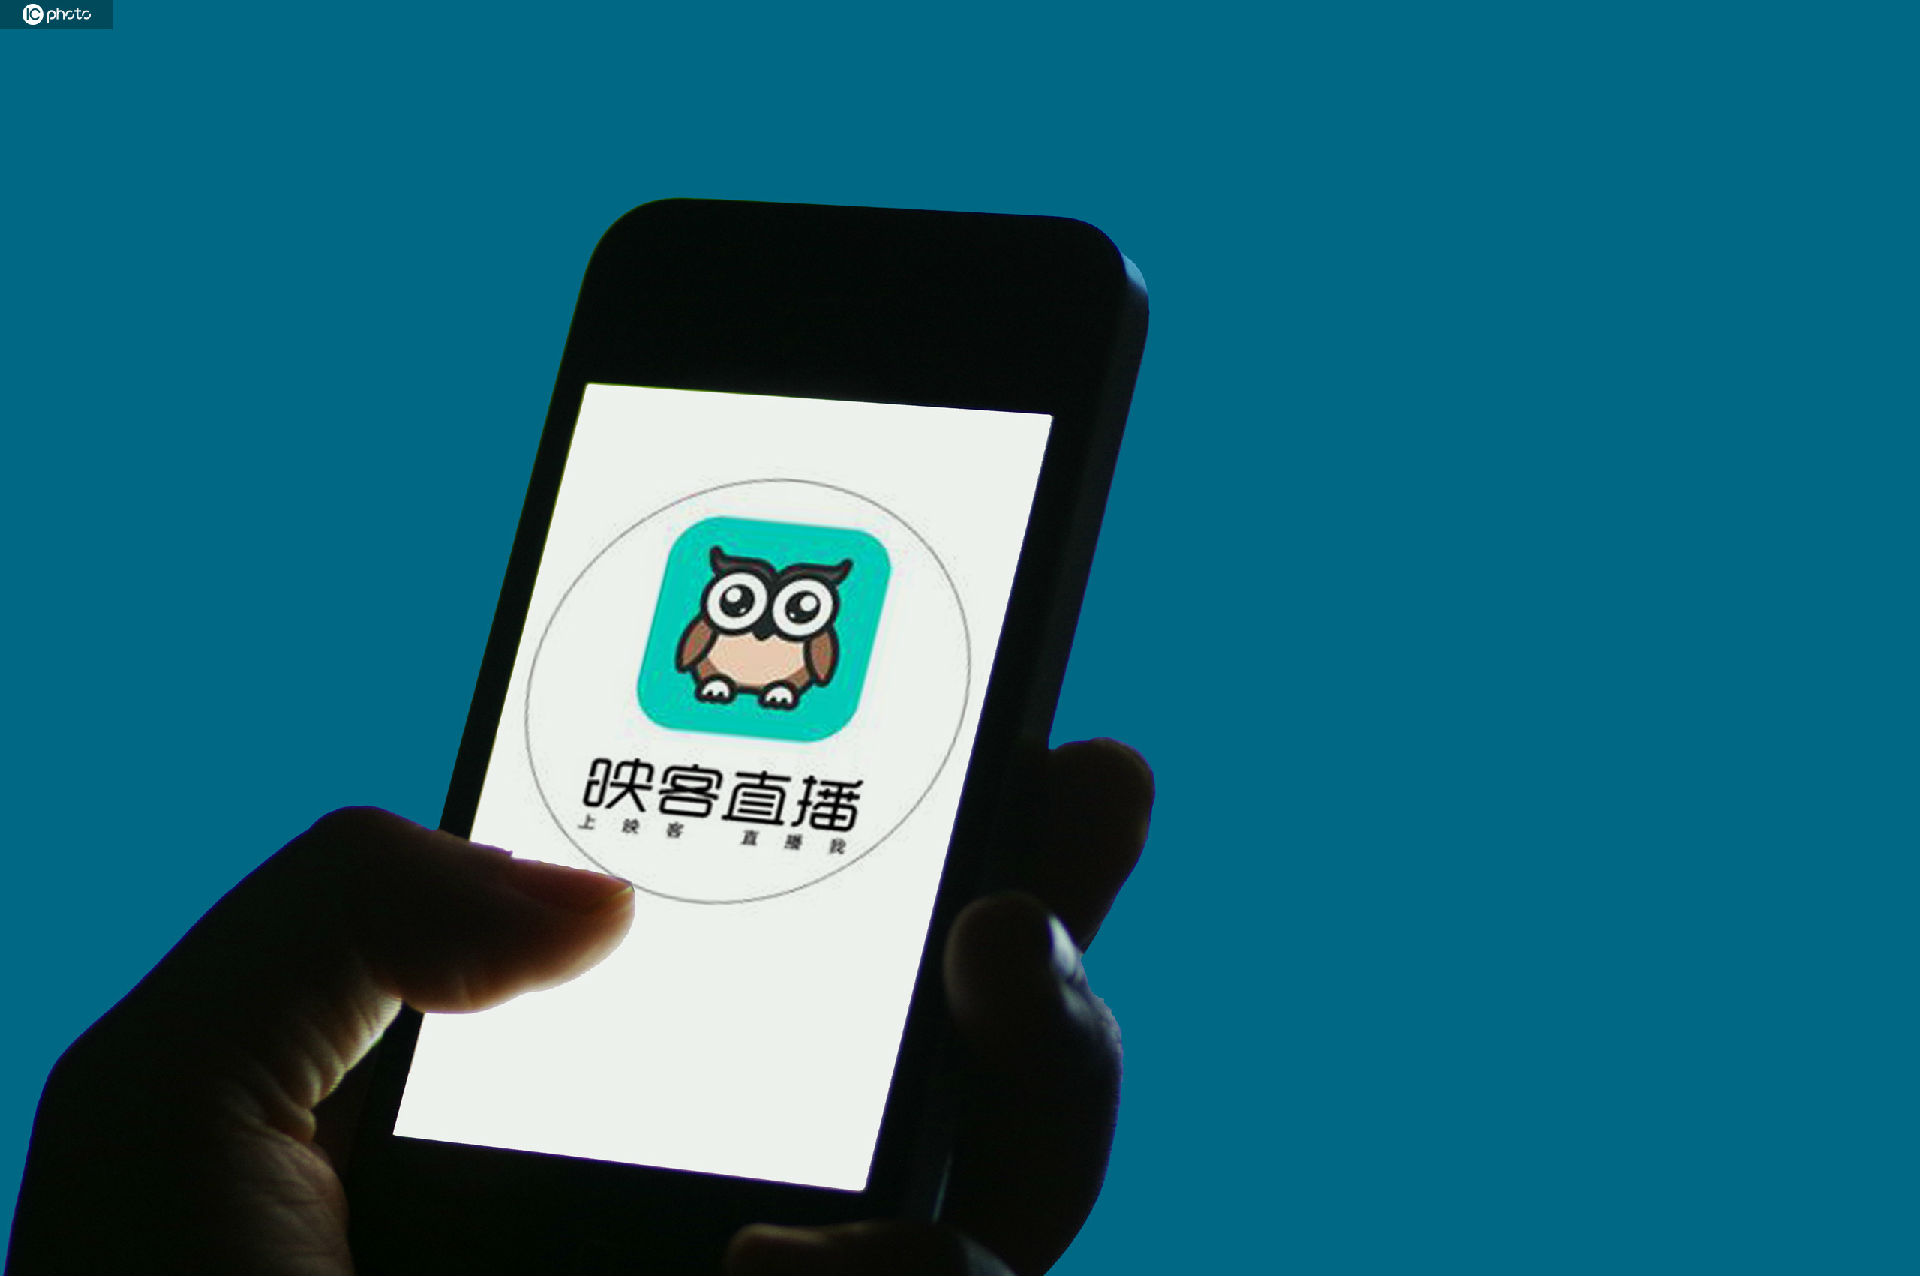 映客宣布完成对积目收购,将开拓年轻用户新市场